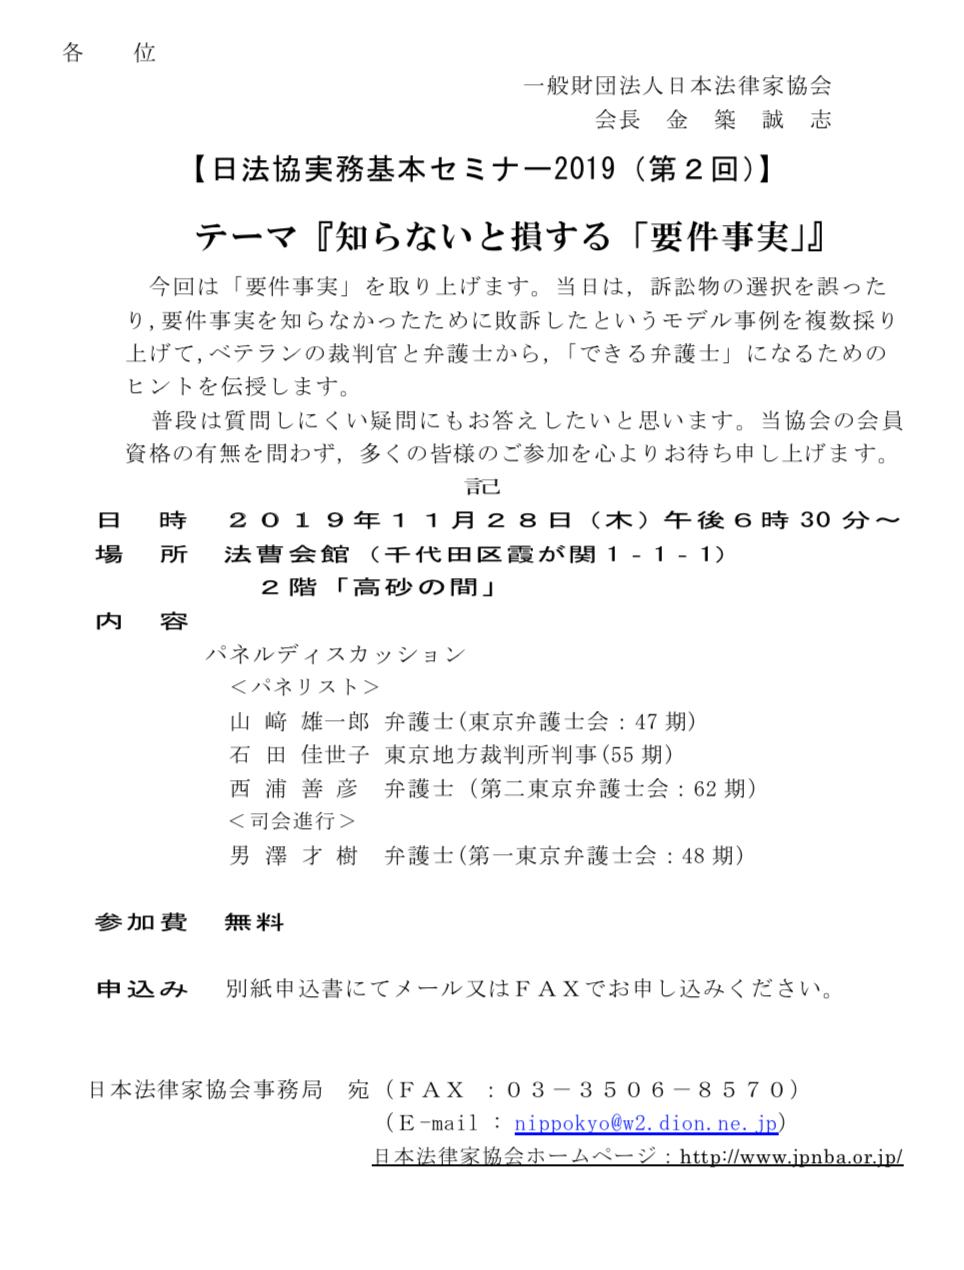 日本法律家協会主催の弁護士向け実務基本セミナーにて、パネリストとして西浦善彦弁護士が登壇し